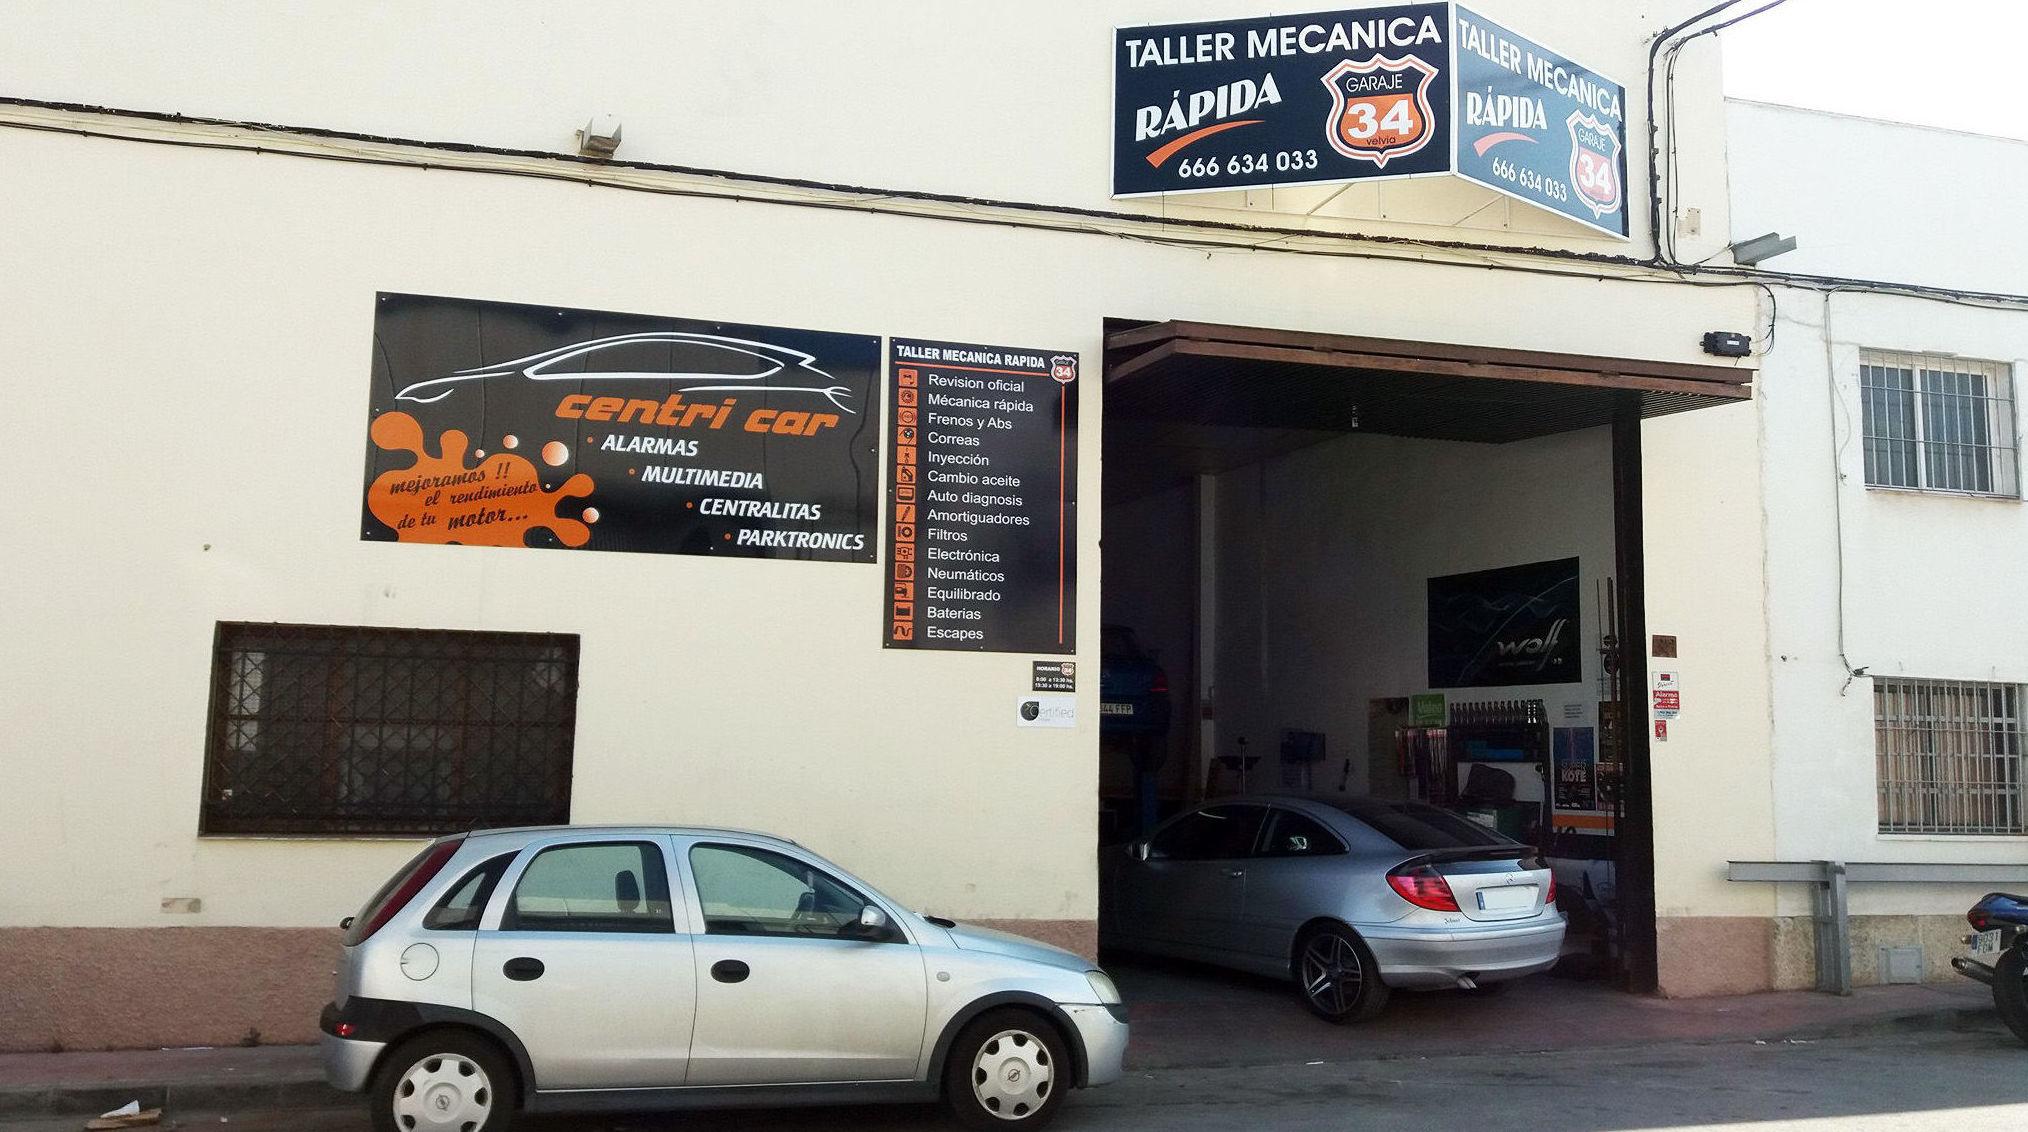 Taller de coches en Málaga | Taller mecánico Garaje 34 - Centricar